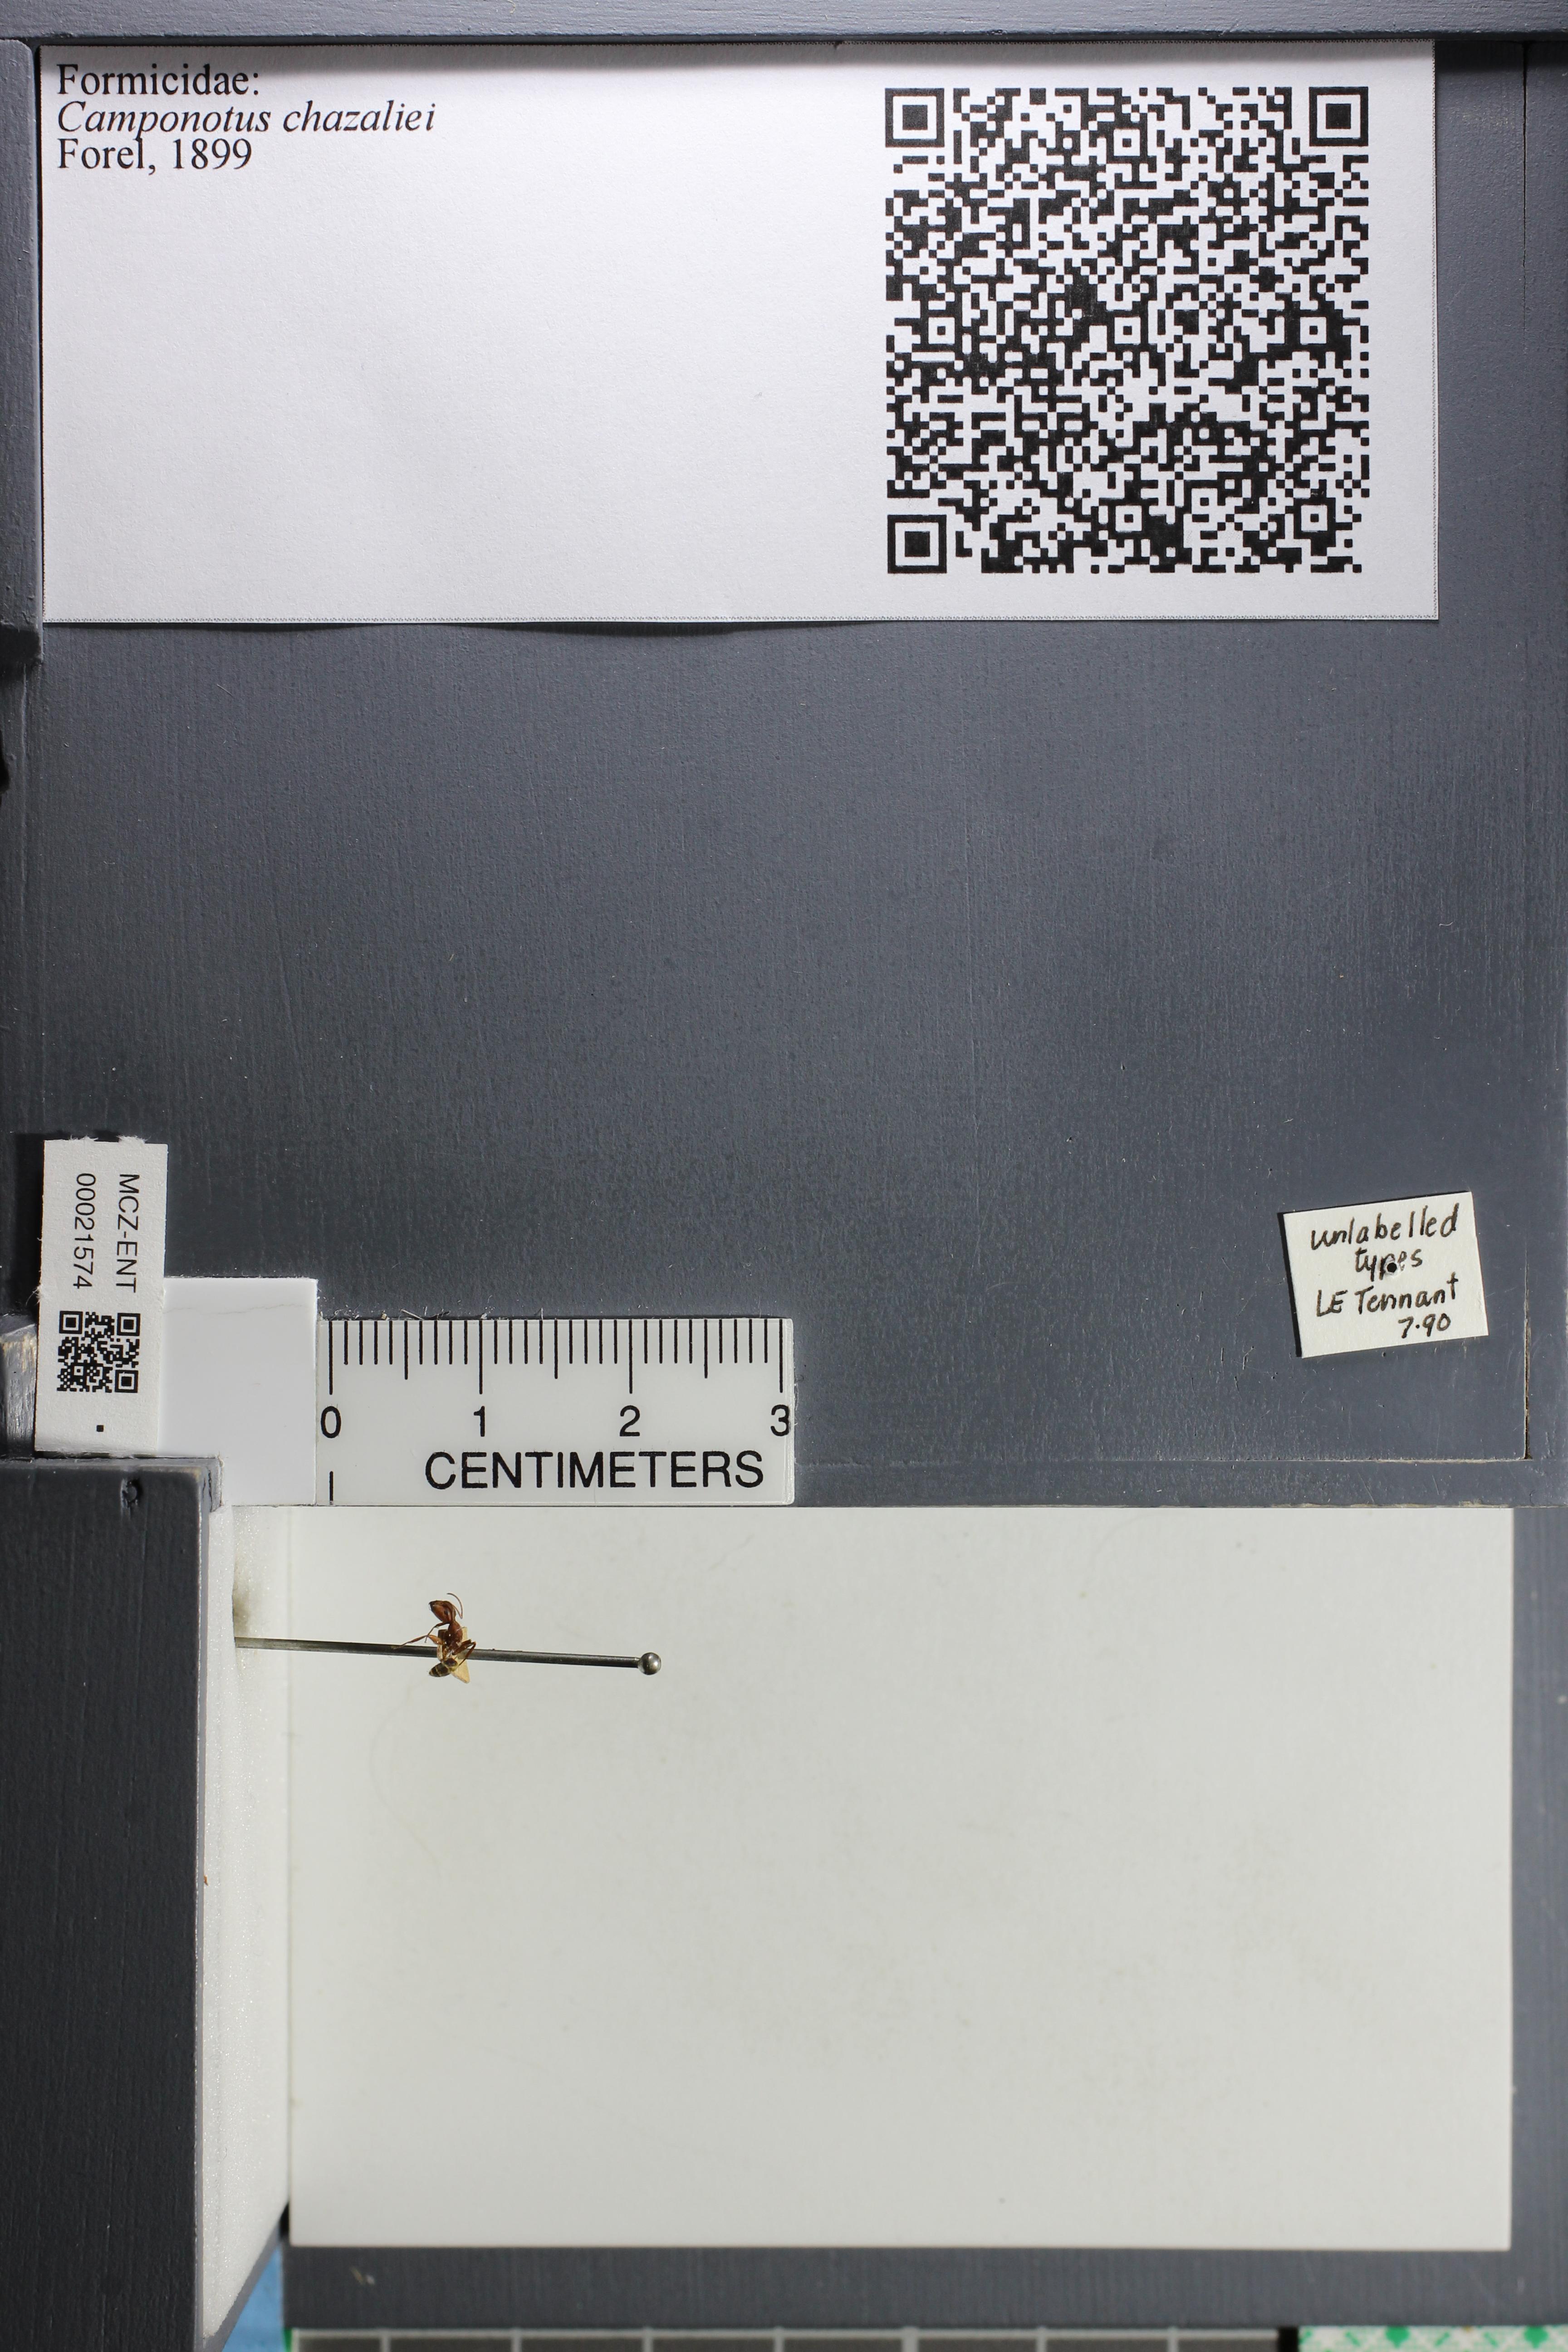 Image of Camponotus chazaliei